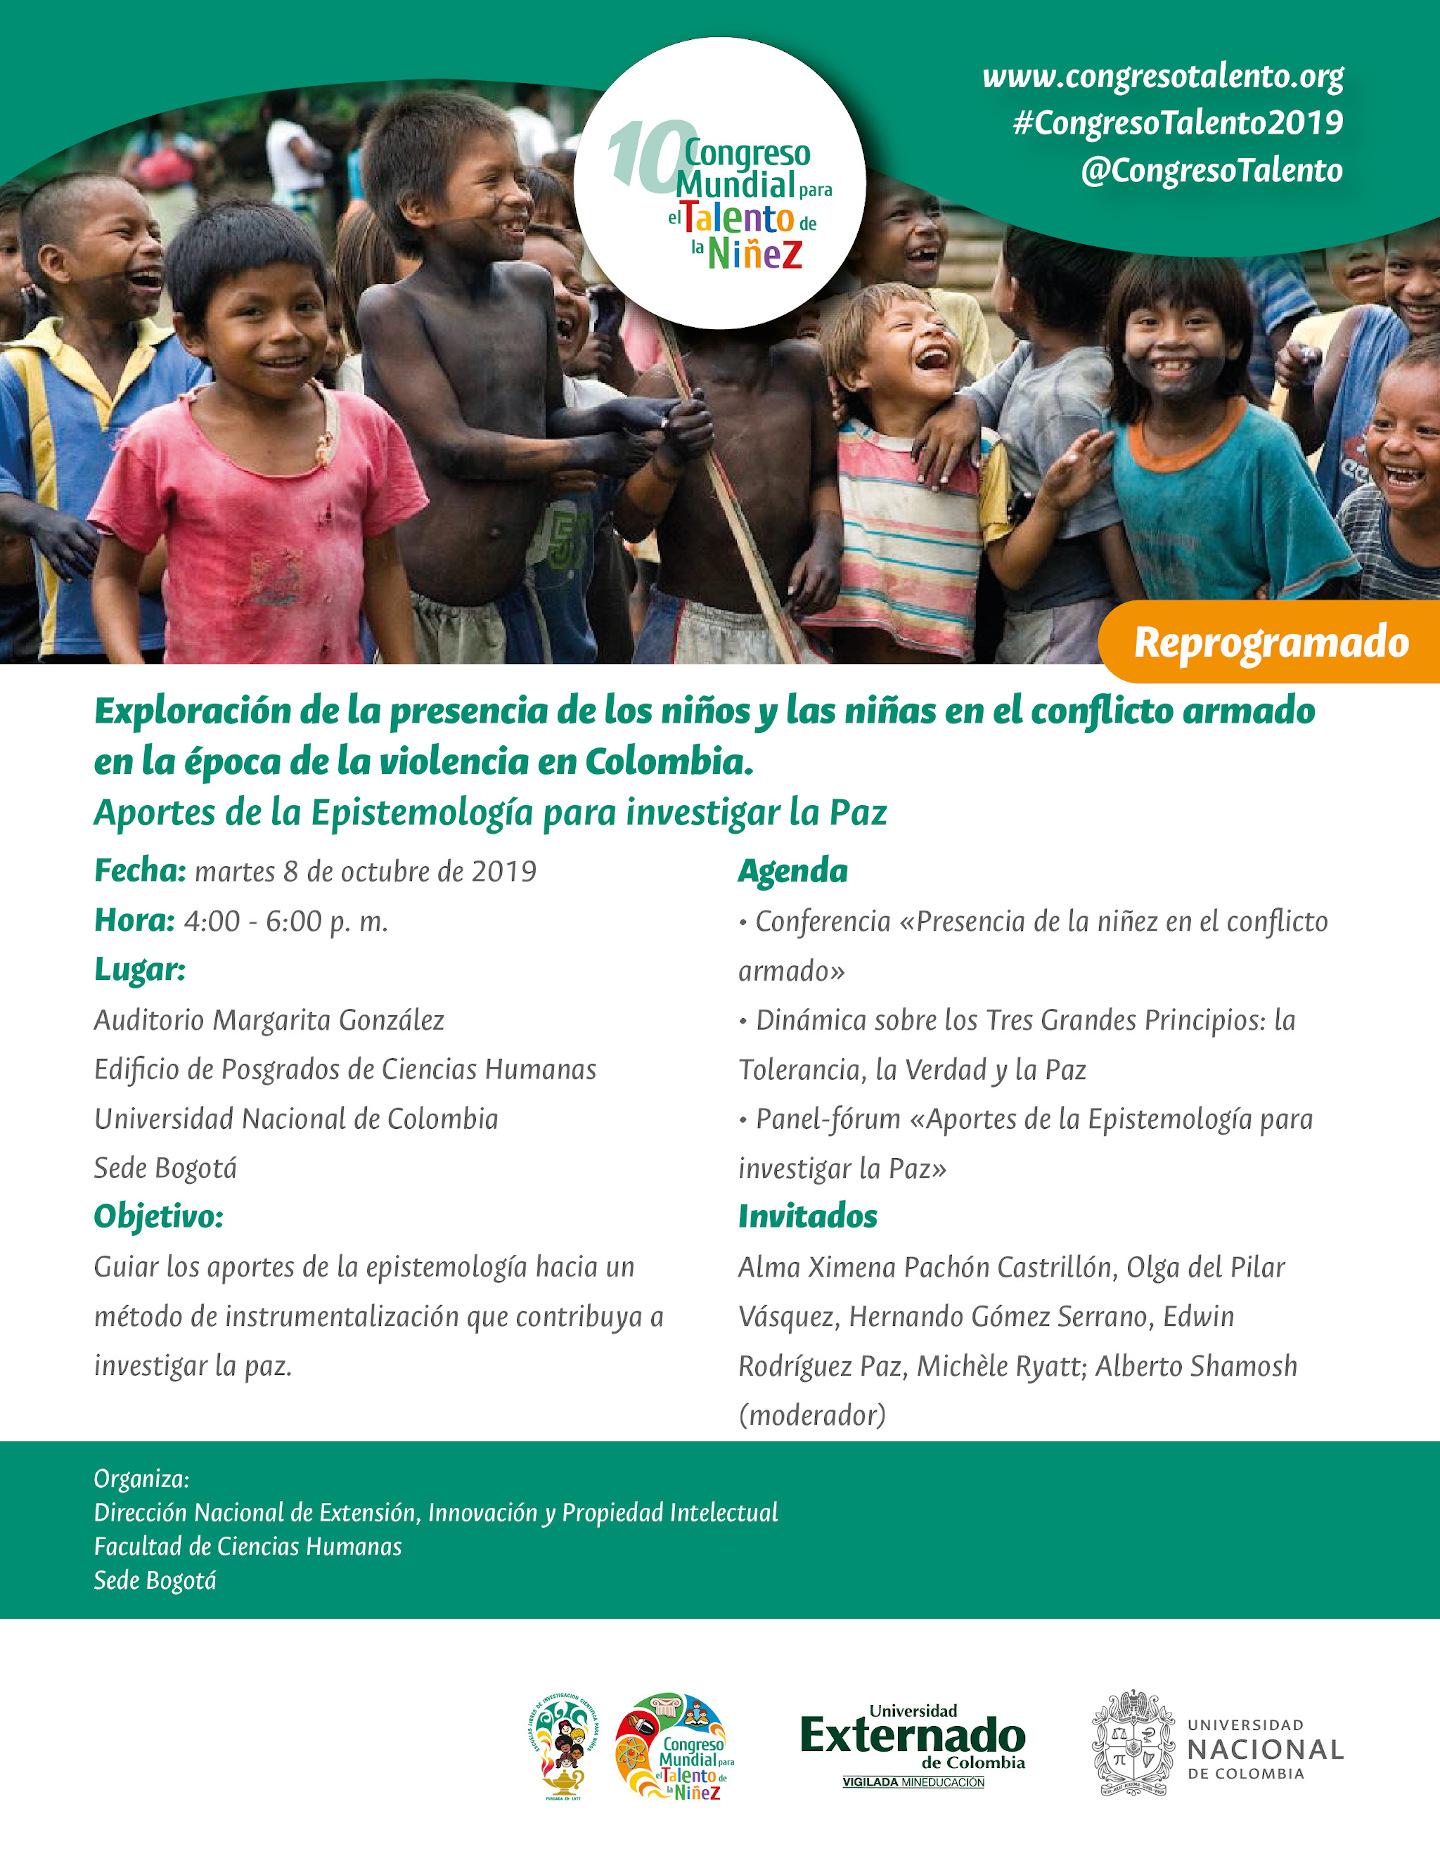 Evento «Exploración de la presencia de los niños y las niñas en el conflicto armado en la época de la violencia en Colombia. Aportes de la Epistemología para investigar la Paz»